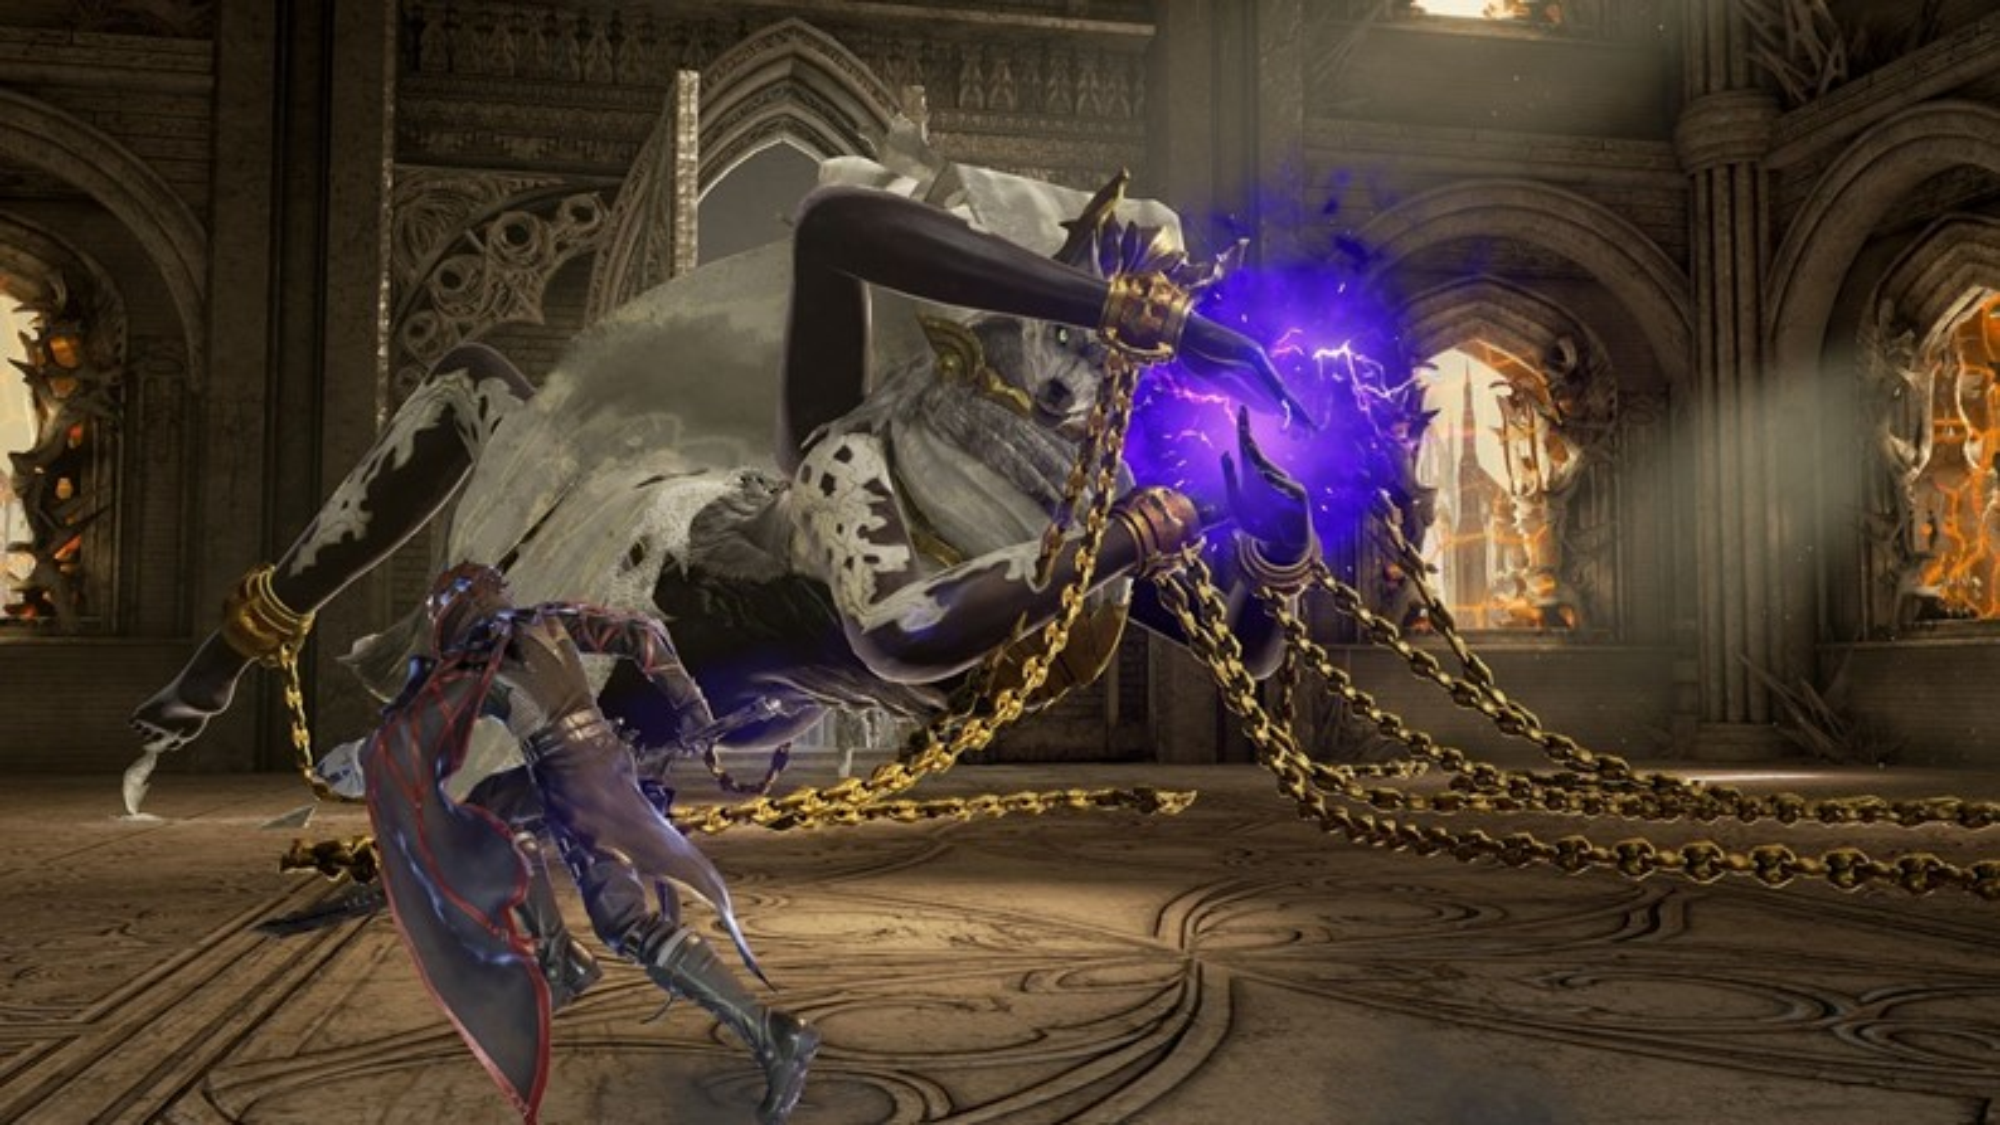 É hora de babar nas novas imagens de Code Vein, inspirado em Dark Souls